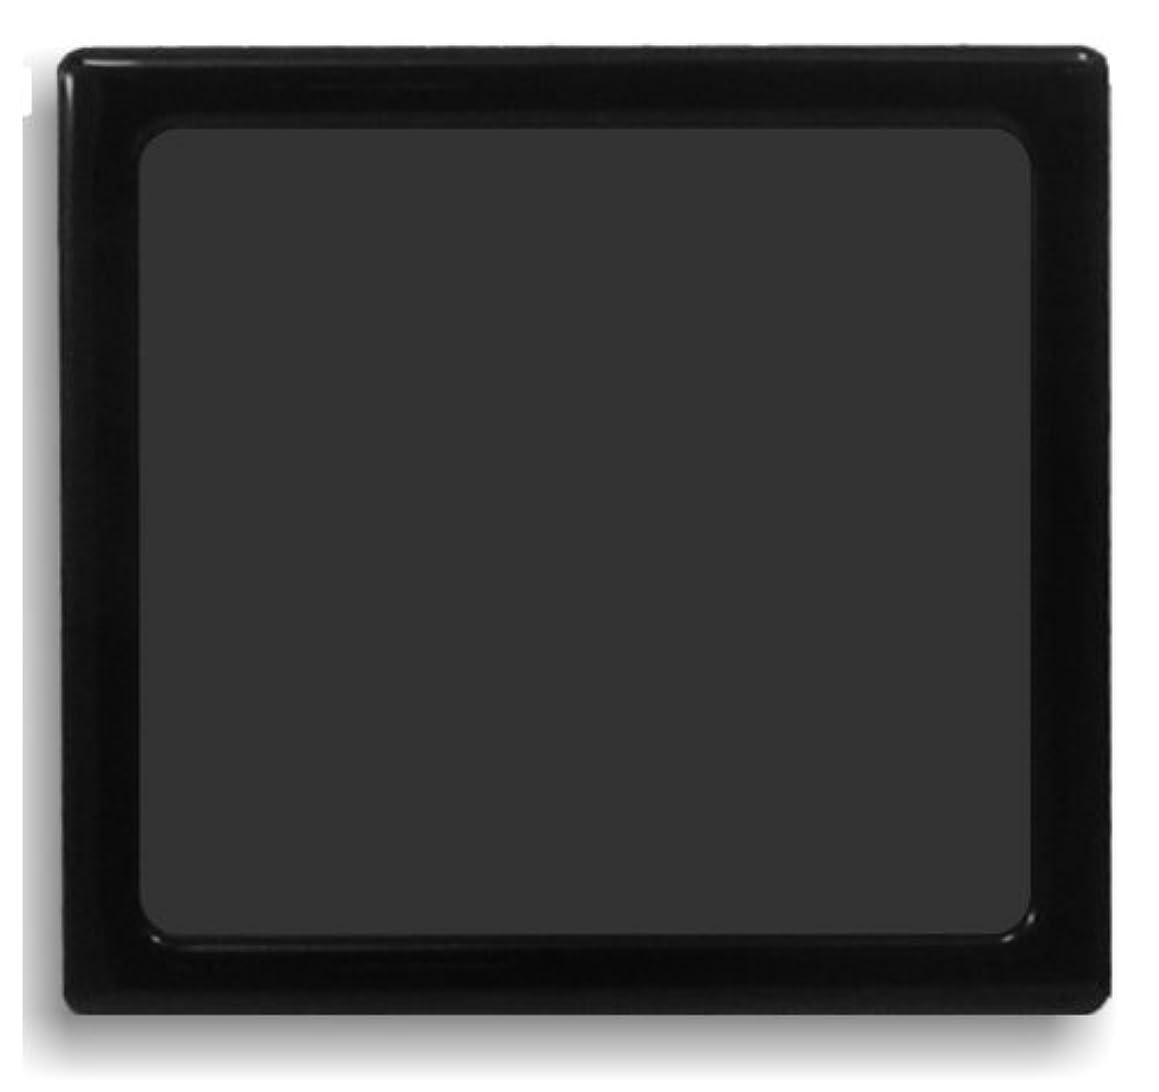 省聴くキャンプDEMCiflexダストフィルタfor XSPCラジエーターex140、ブラックフレーム、ブラックメッシュ